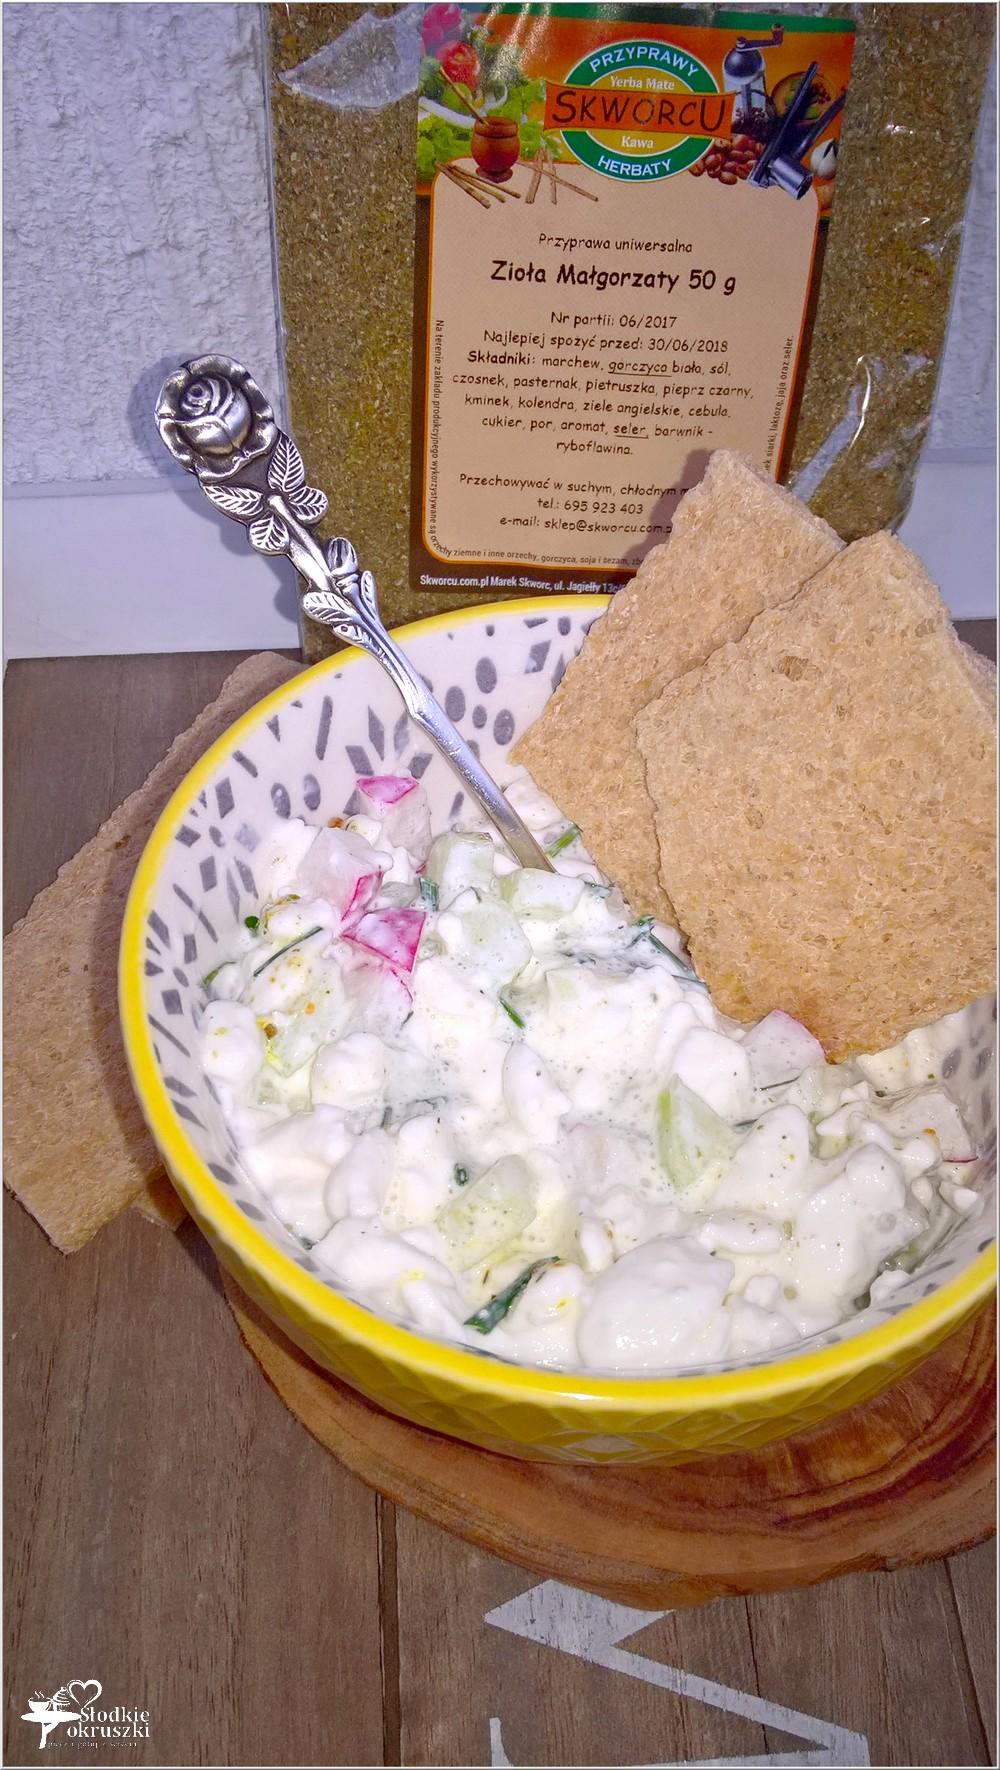 Lekkie śniadanie. Serek wiejski z ziołami, ogórkiem i rzodkiewką (4)